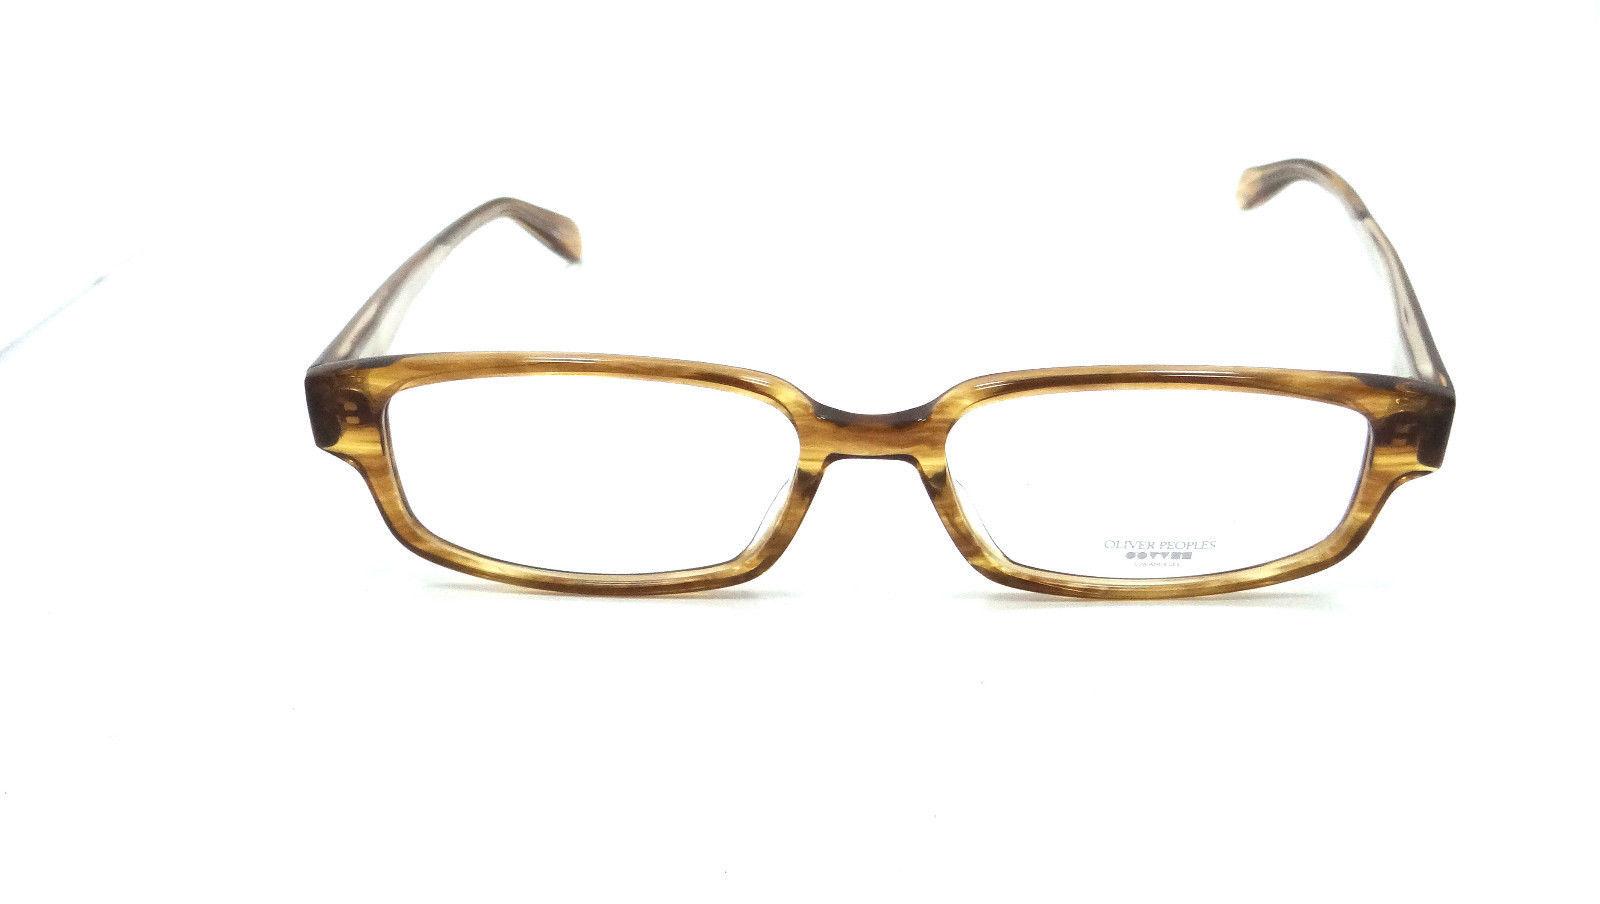 a267ed968d0 Oliver Peoples Rx Eyeglasses Frames Danver Smt 52x17 Smoketree Brown Japan